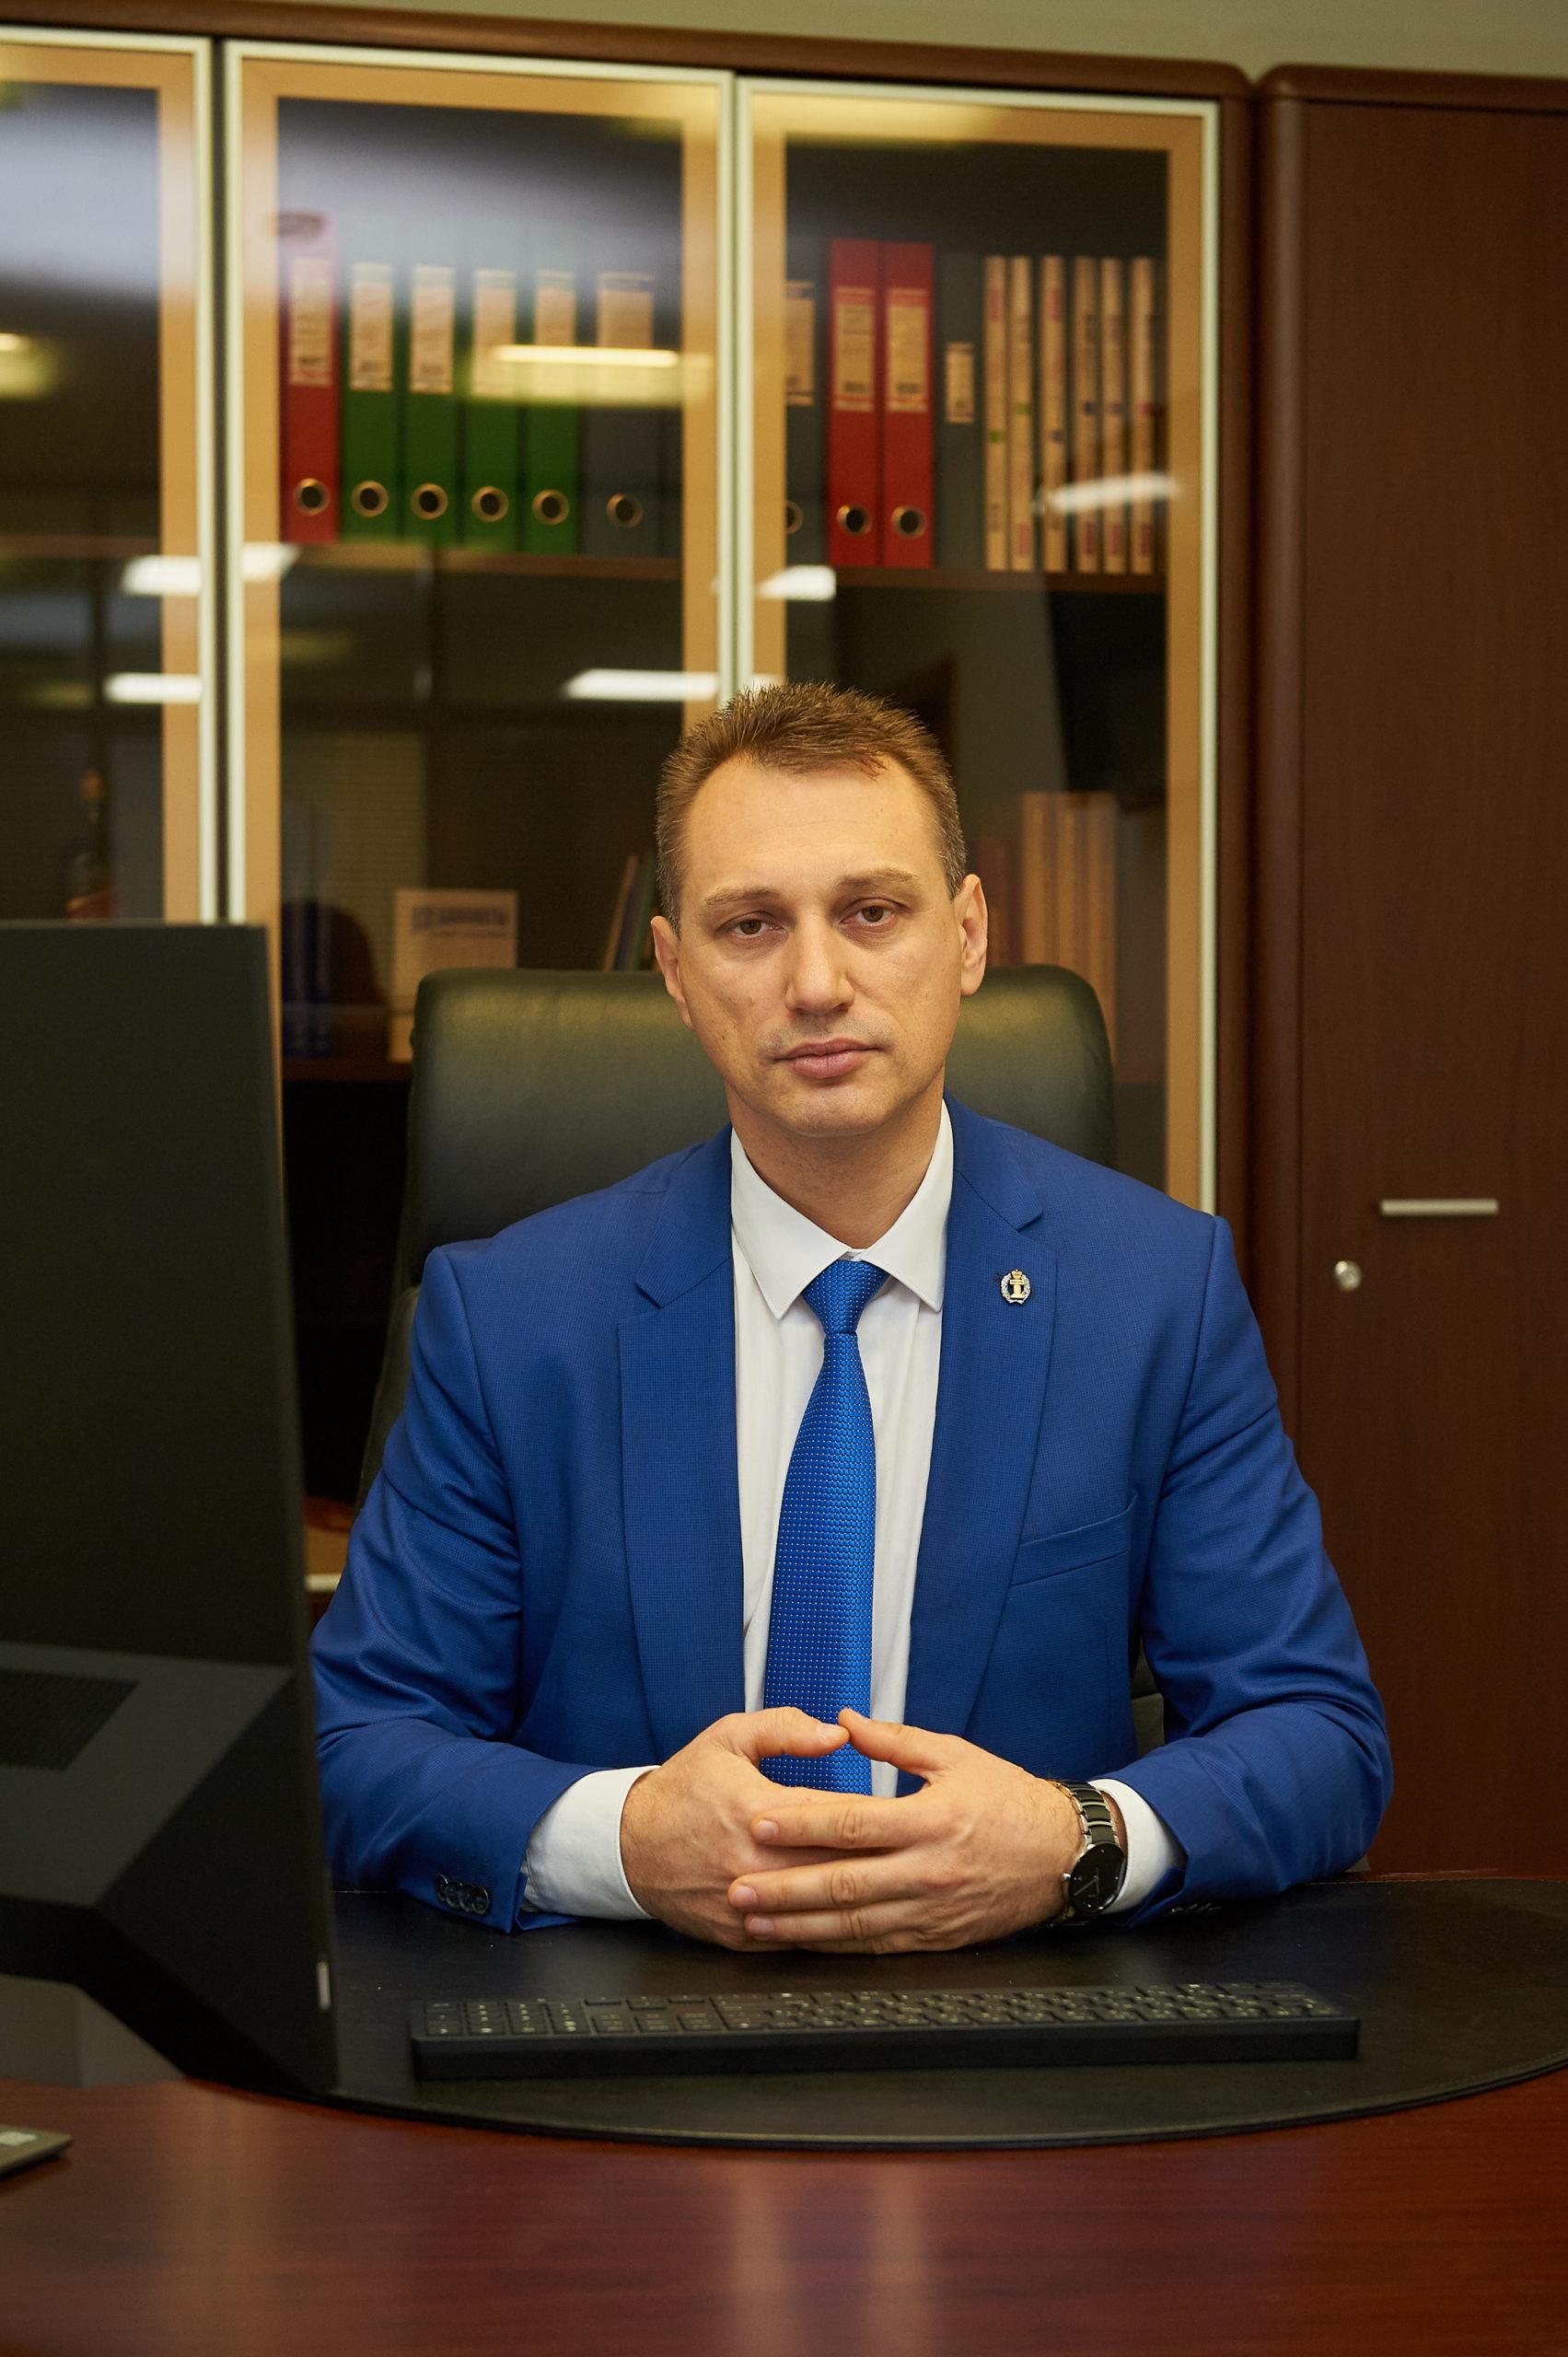 Ростислав Владимирович Хмыров – председатель Комиссии по защите профессиональных прав адвокатов адвокатской палаты Краснодарского края